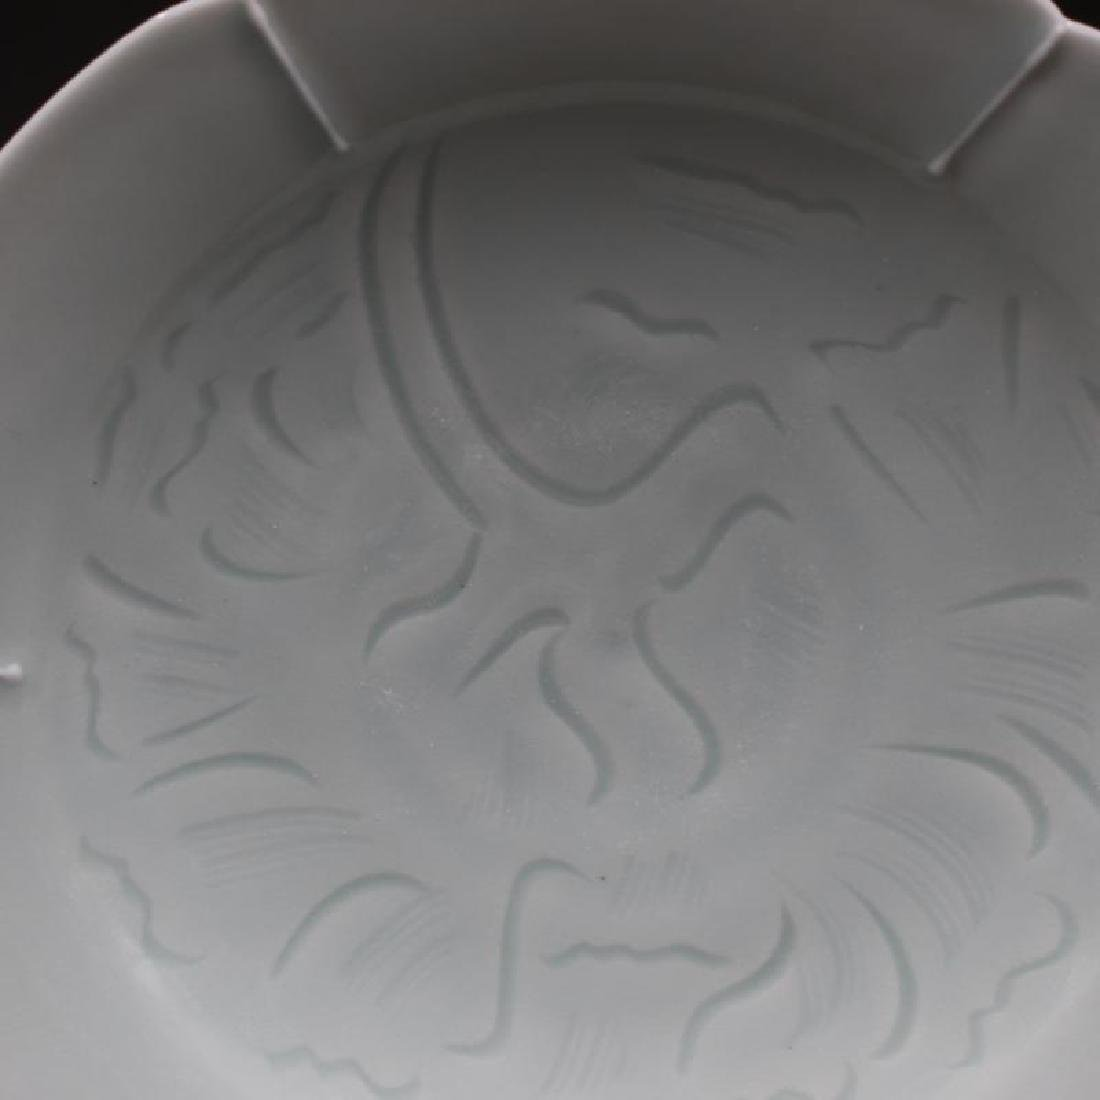 Chinese Hu Tian Ware Ying Qing Dish - 5